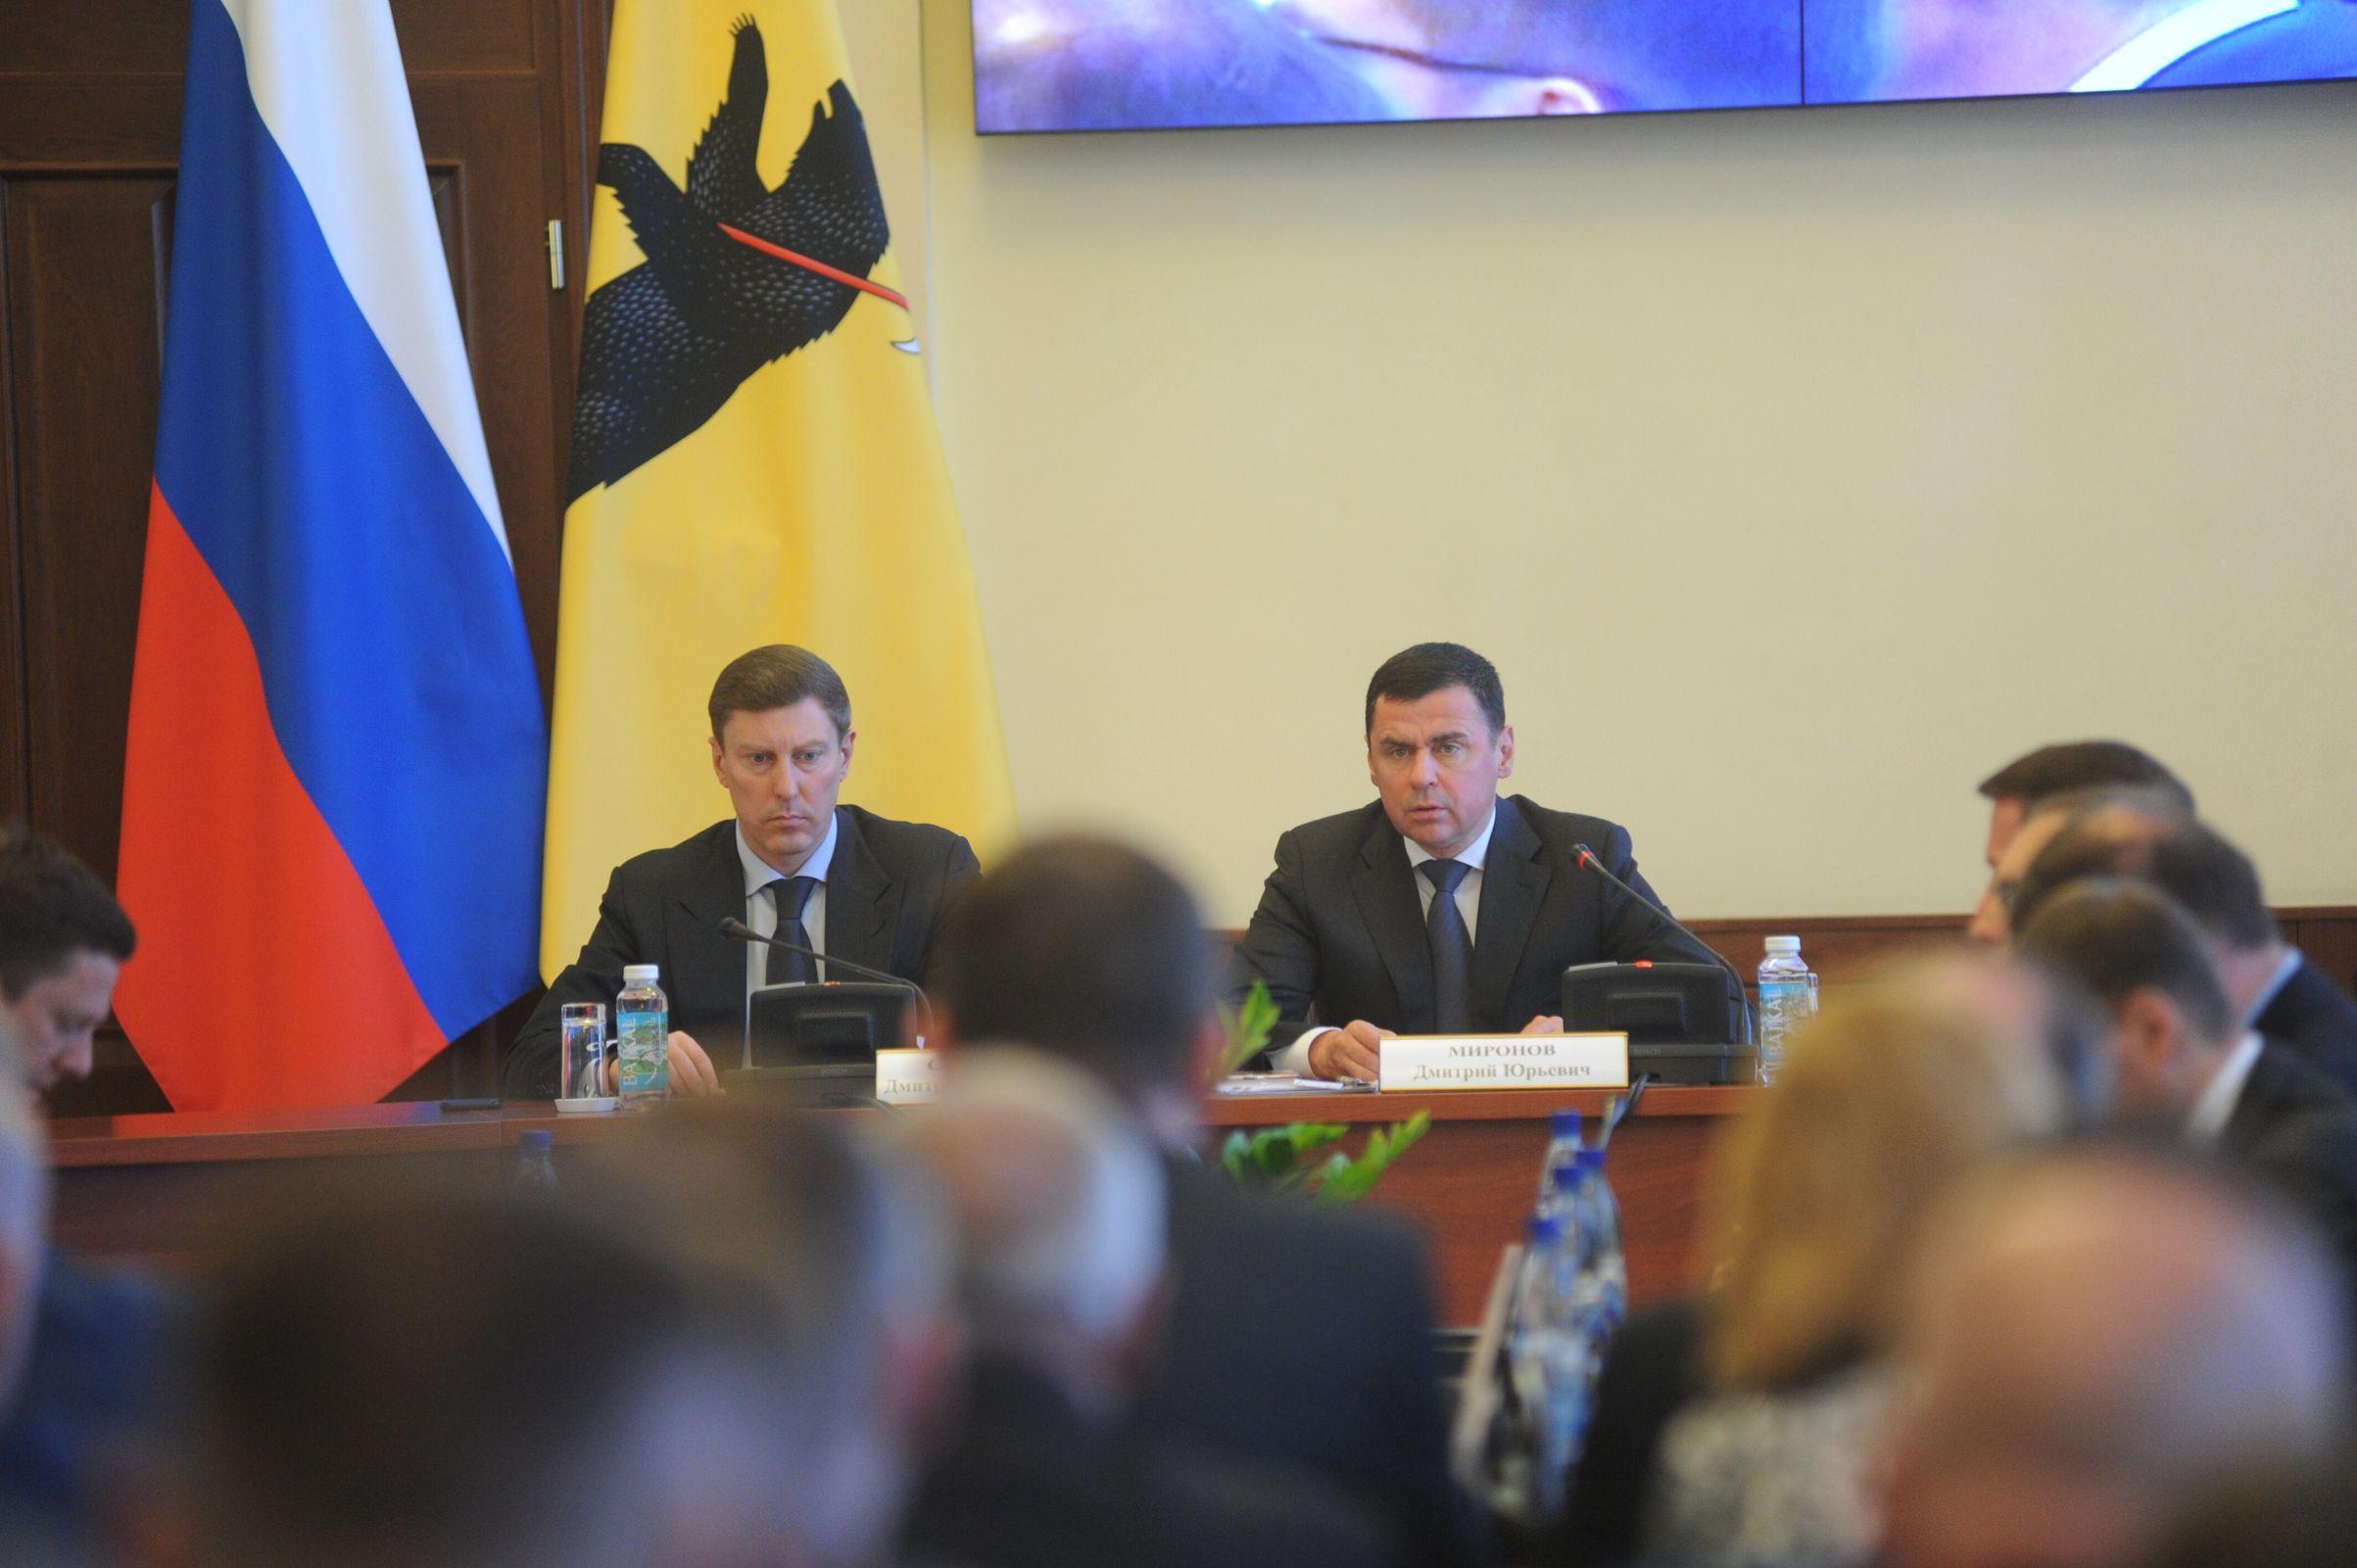 Дмитрий Миронов: по итогам федеральной проверки Ярославская область признана готовой к пожароопасному периоду